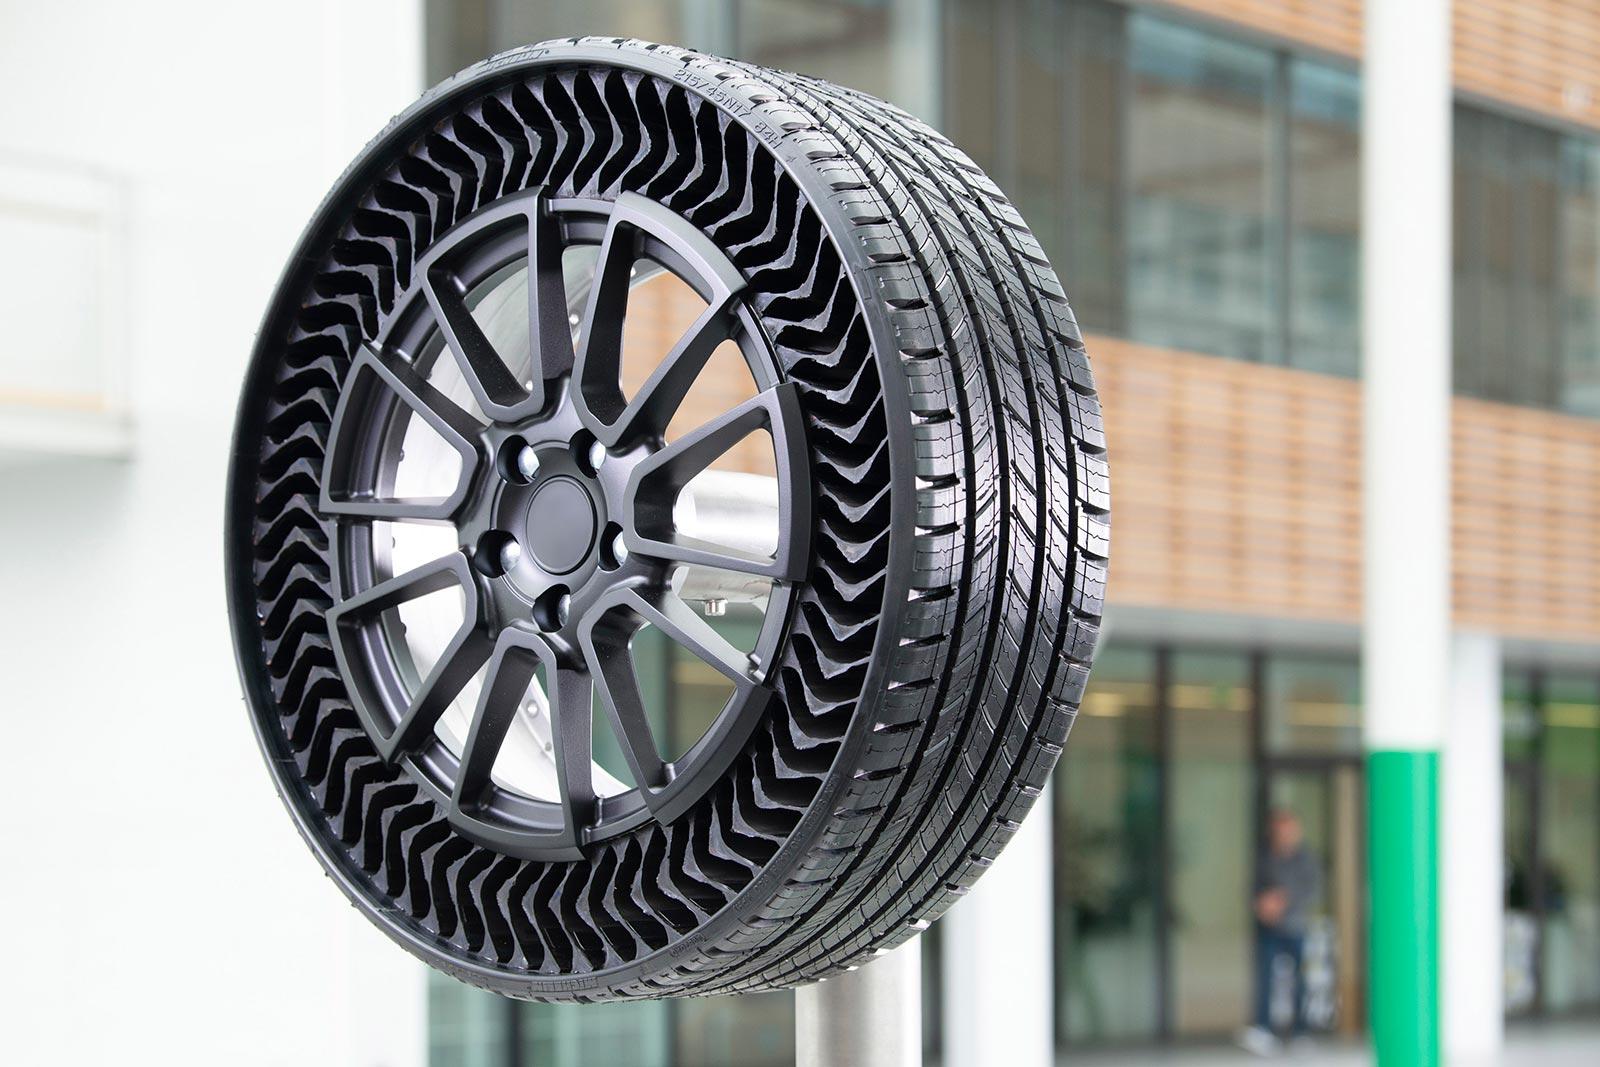 Michelin GM llanta sin aire